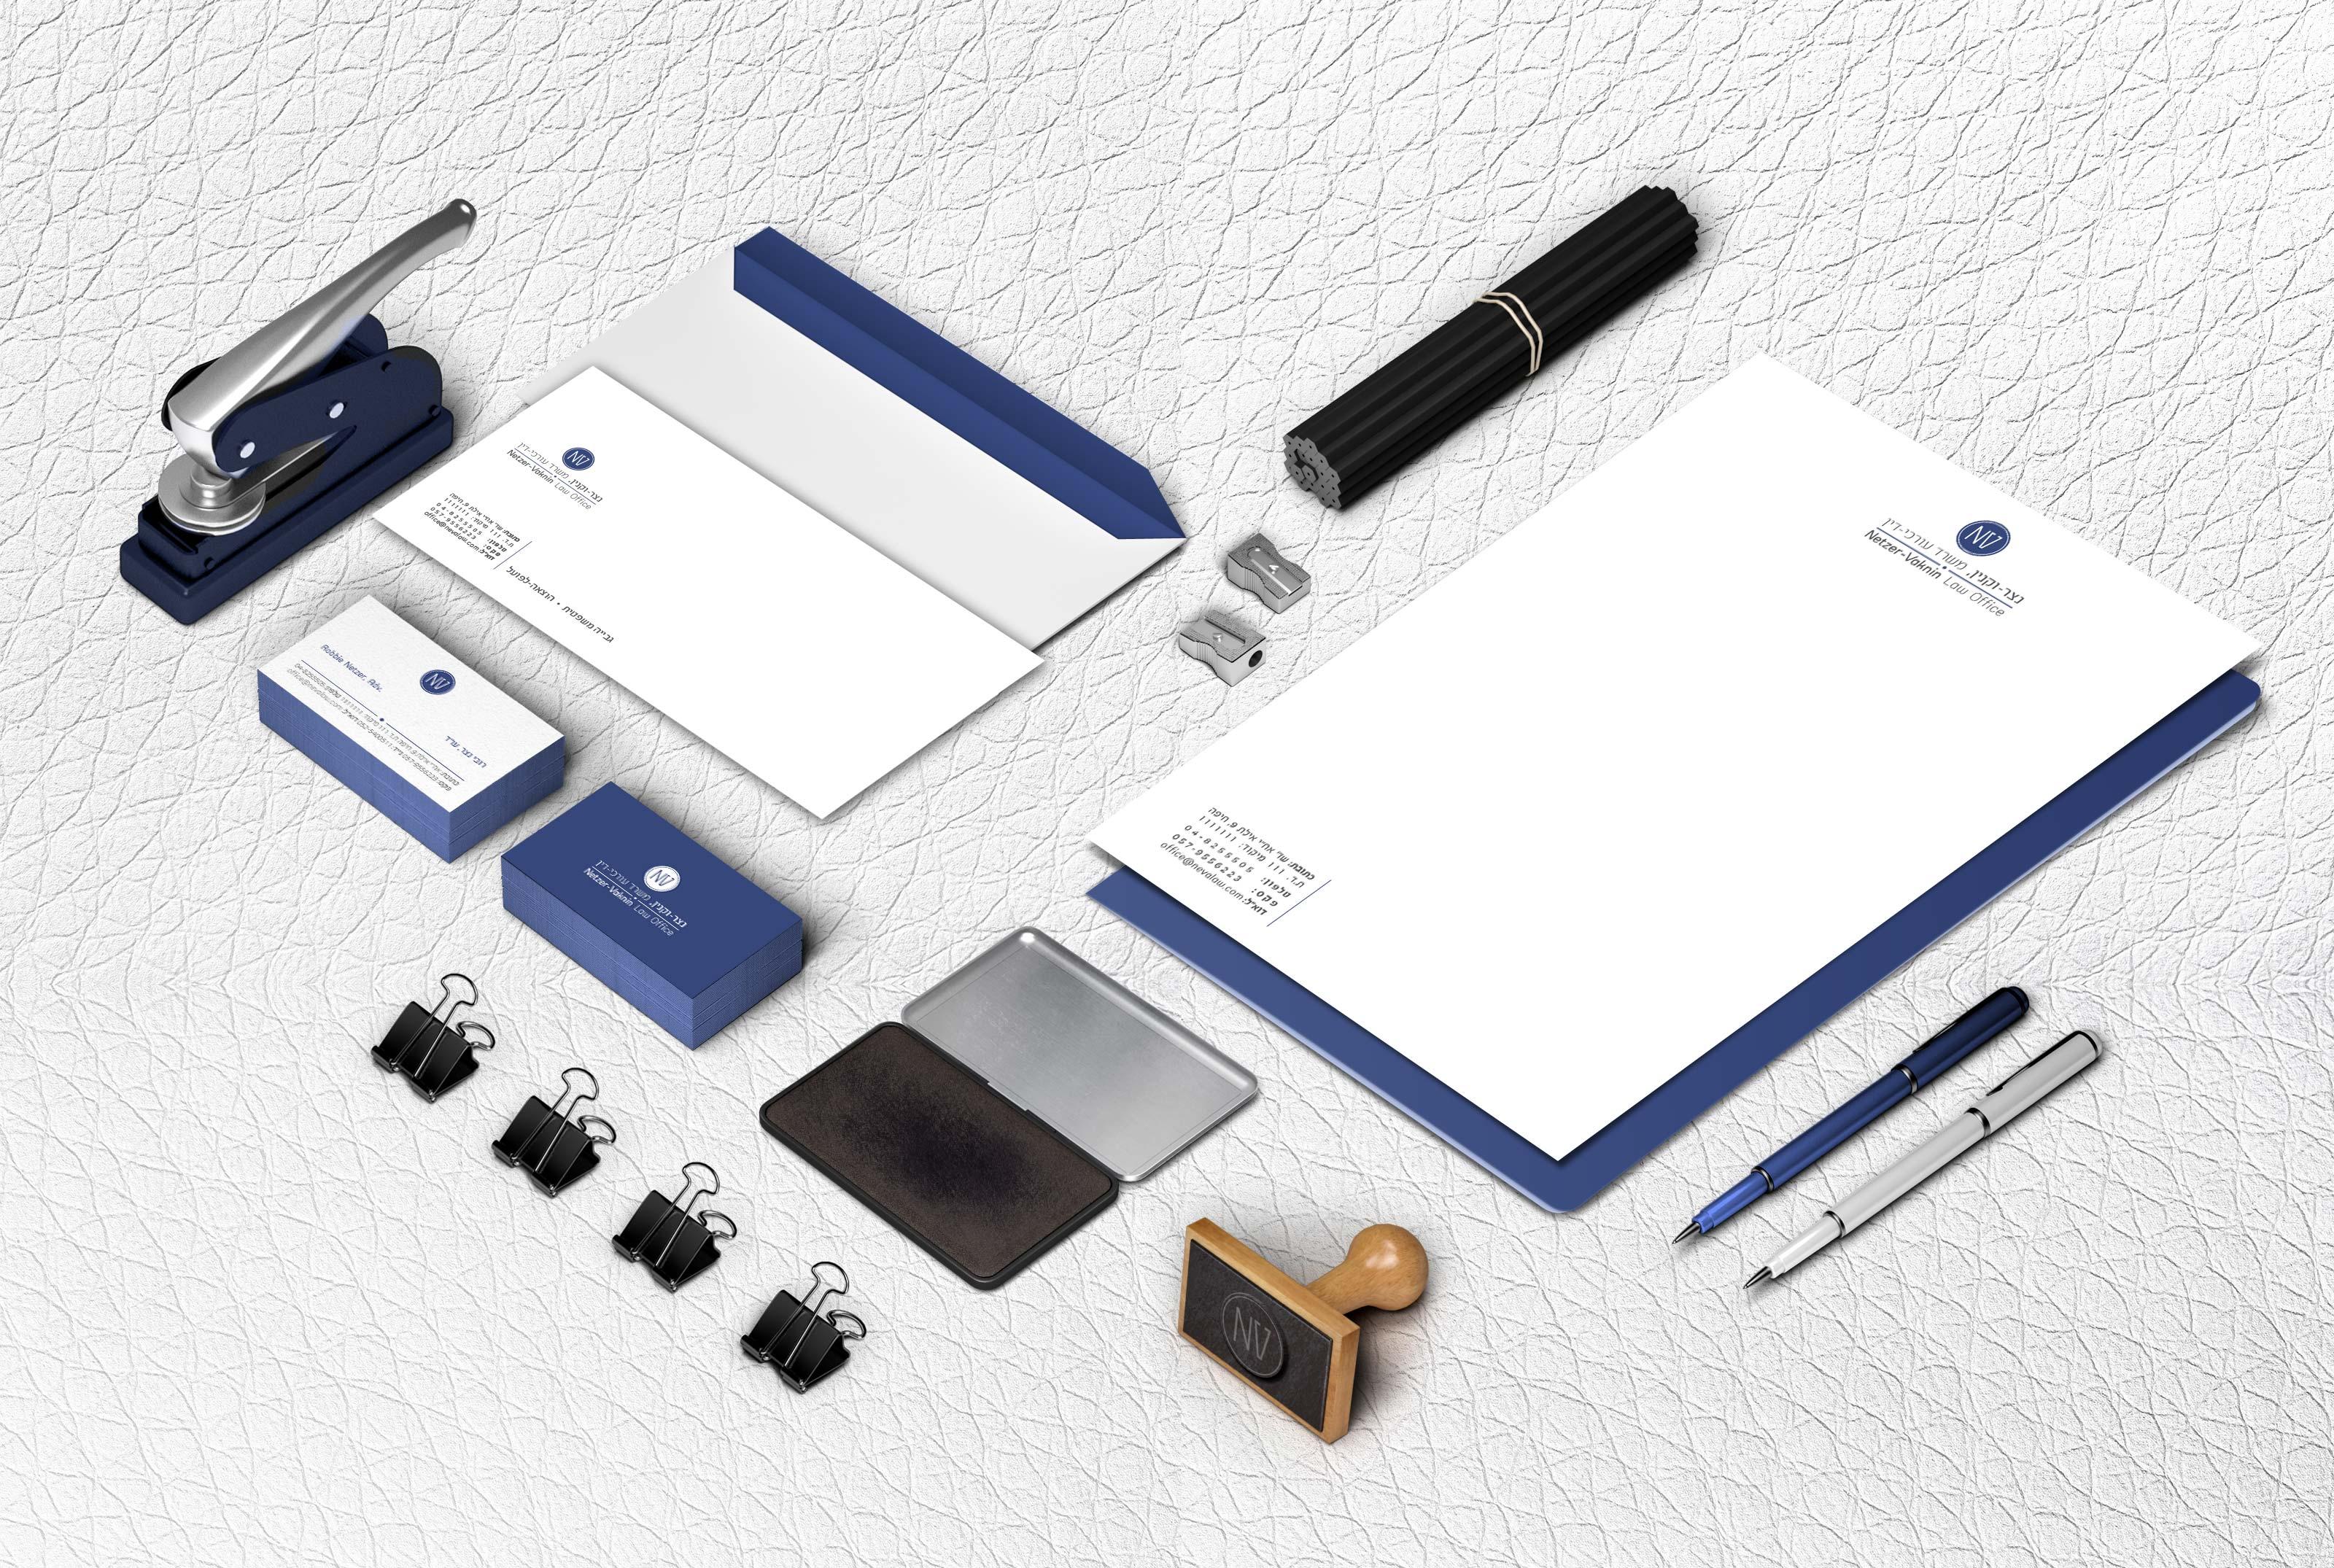 מיתוג-משרד-עורכי-דין-עיצוב-לוגו-לעורך-דין-עיצוב-תדמית-לעורך-דין